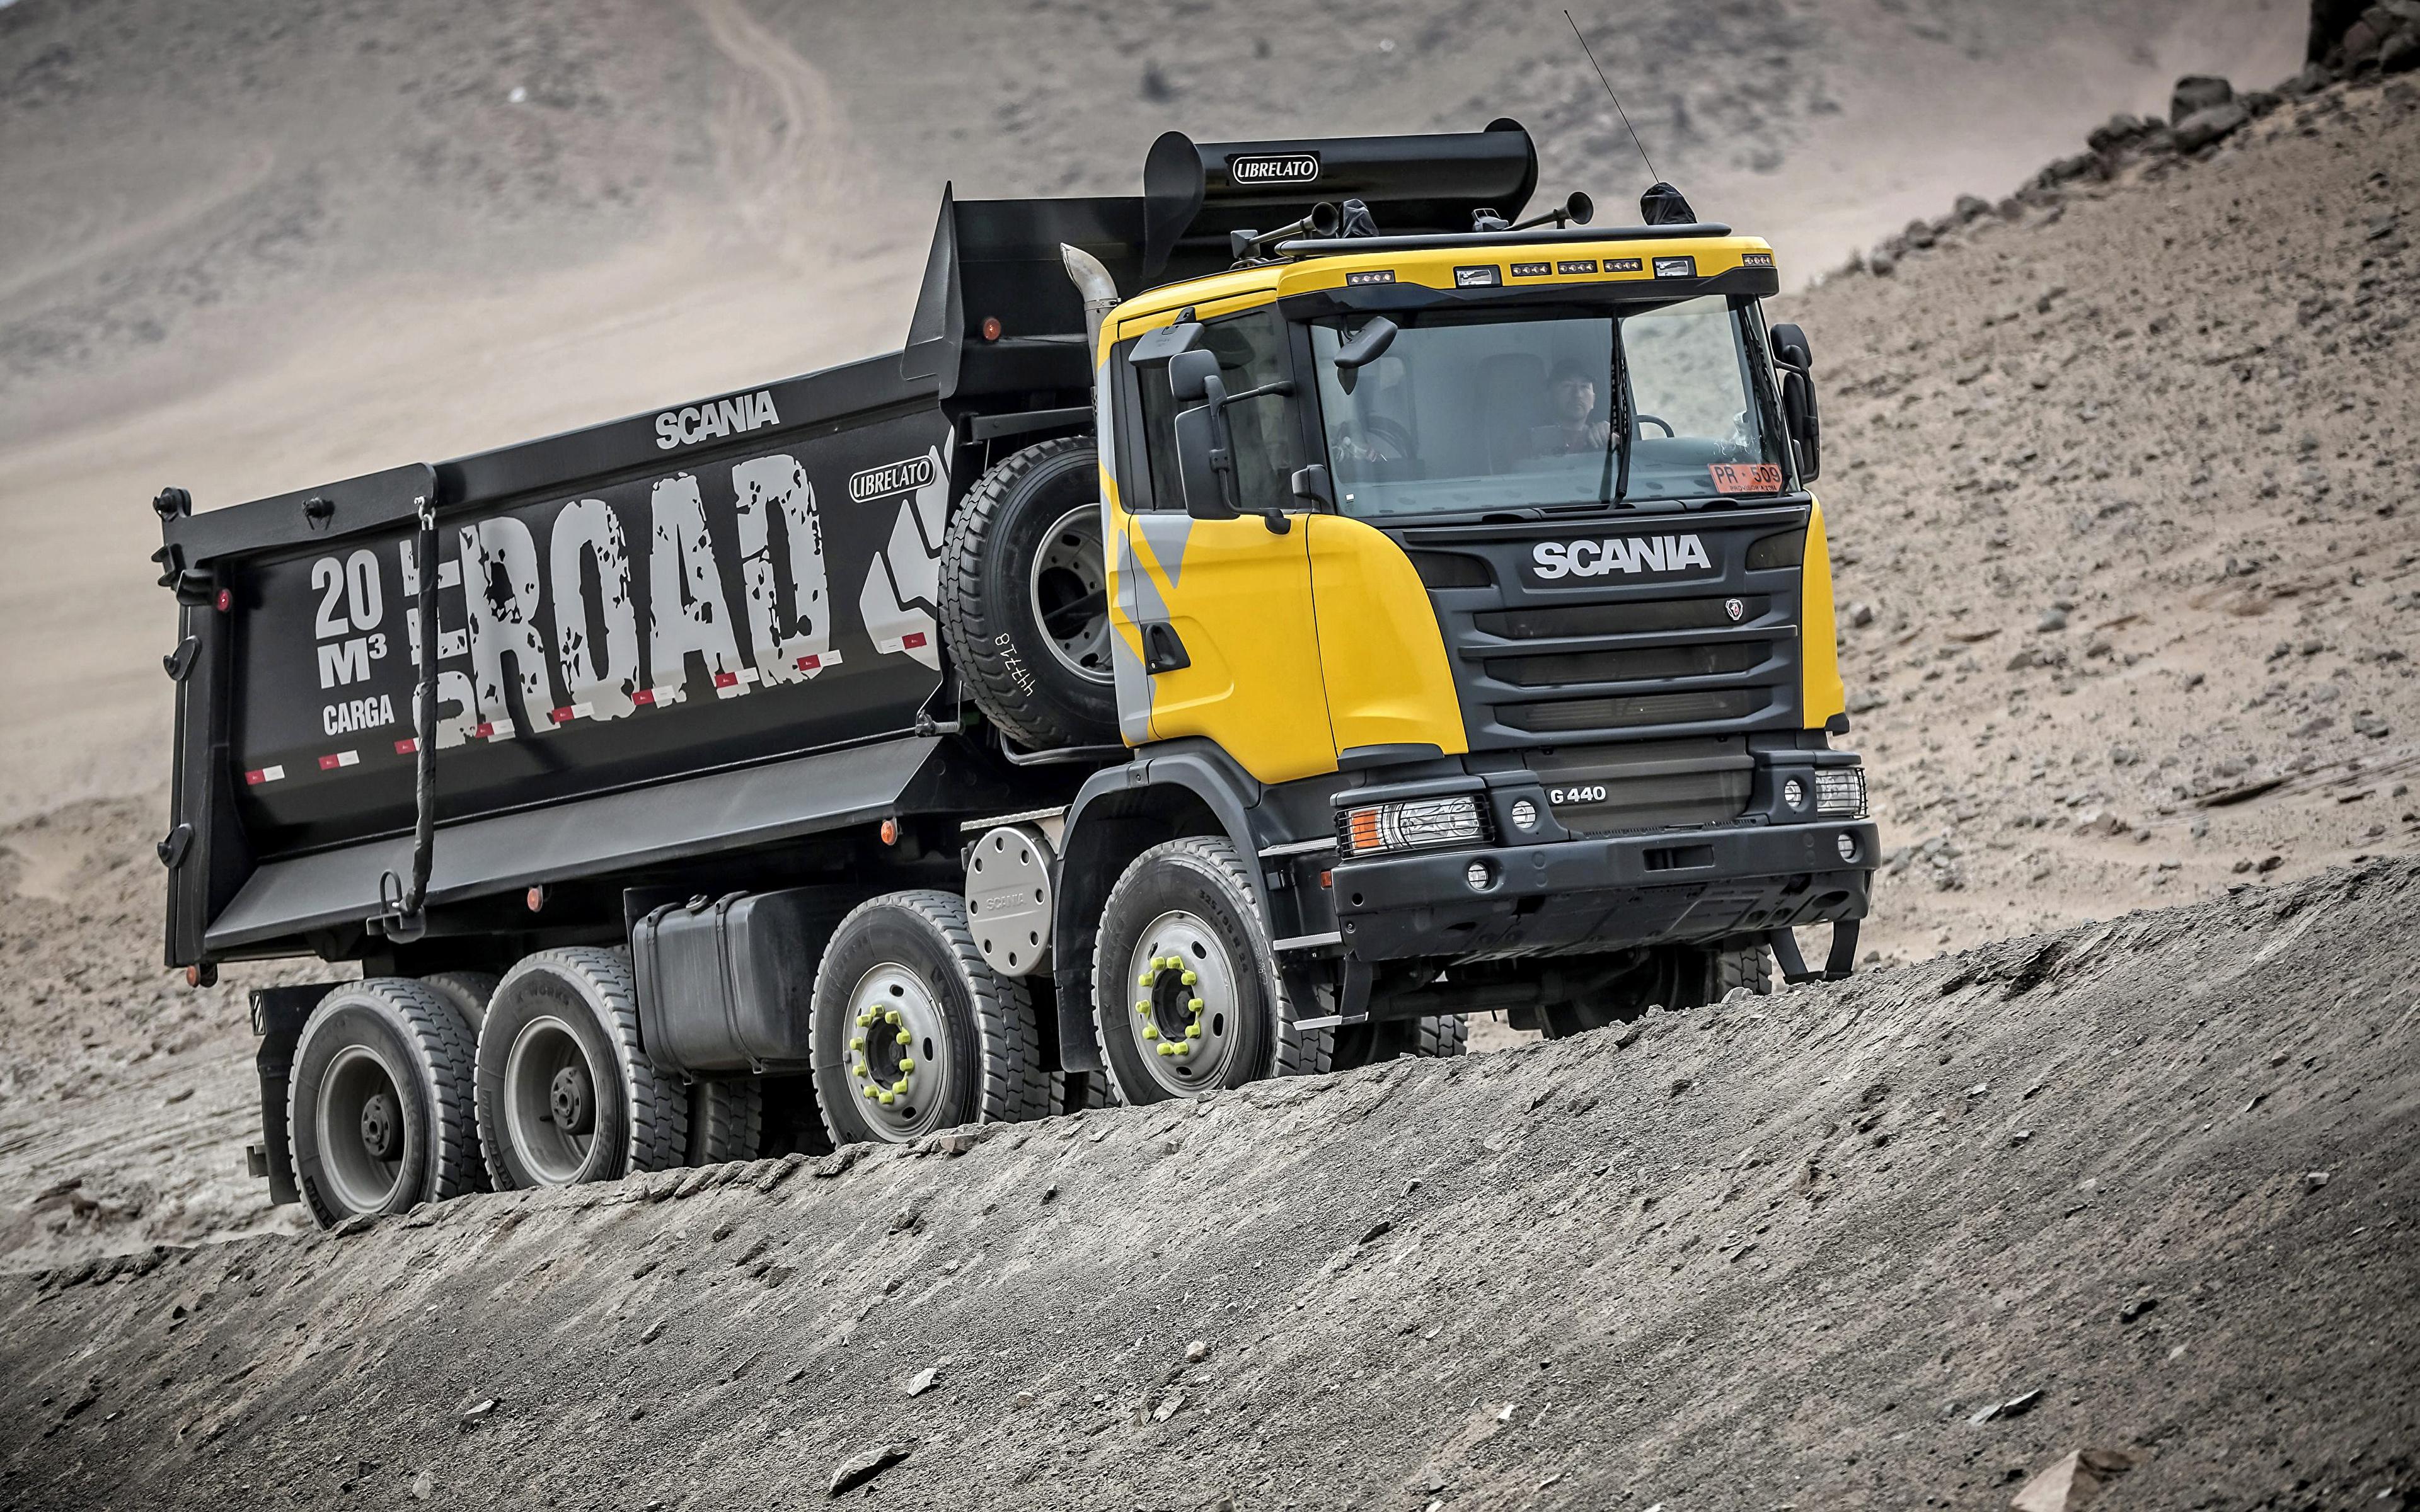 3840x2400 Camião Scania 8x4, G440, 2013 carro, automóvel, automóveis Carros